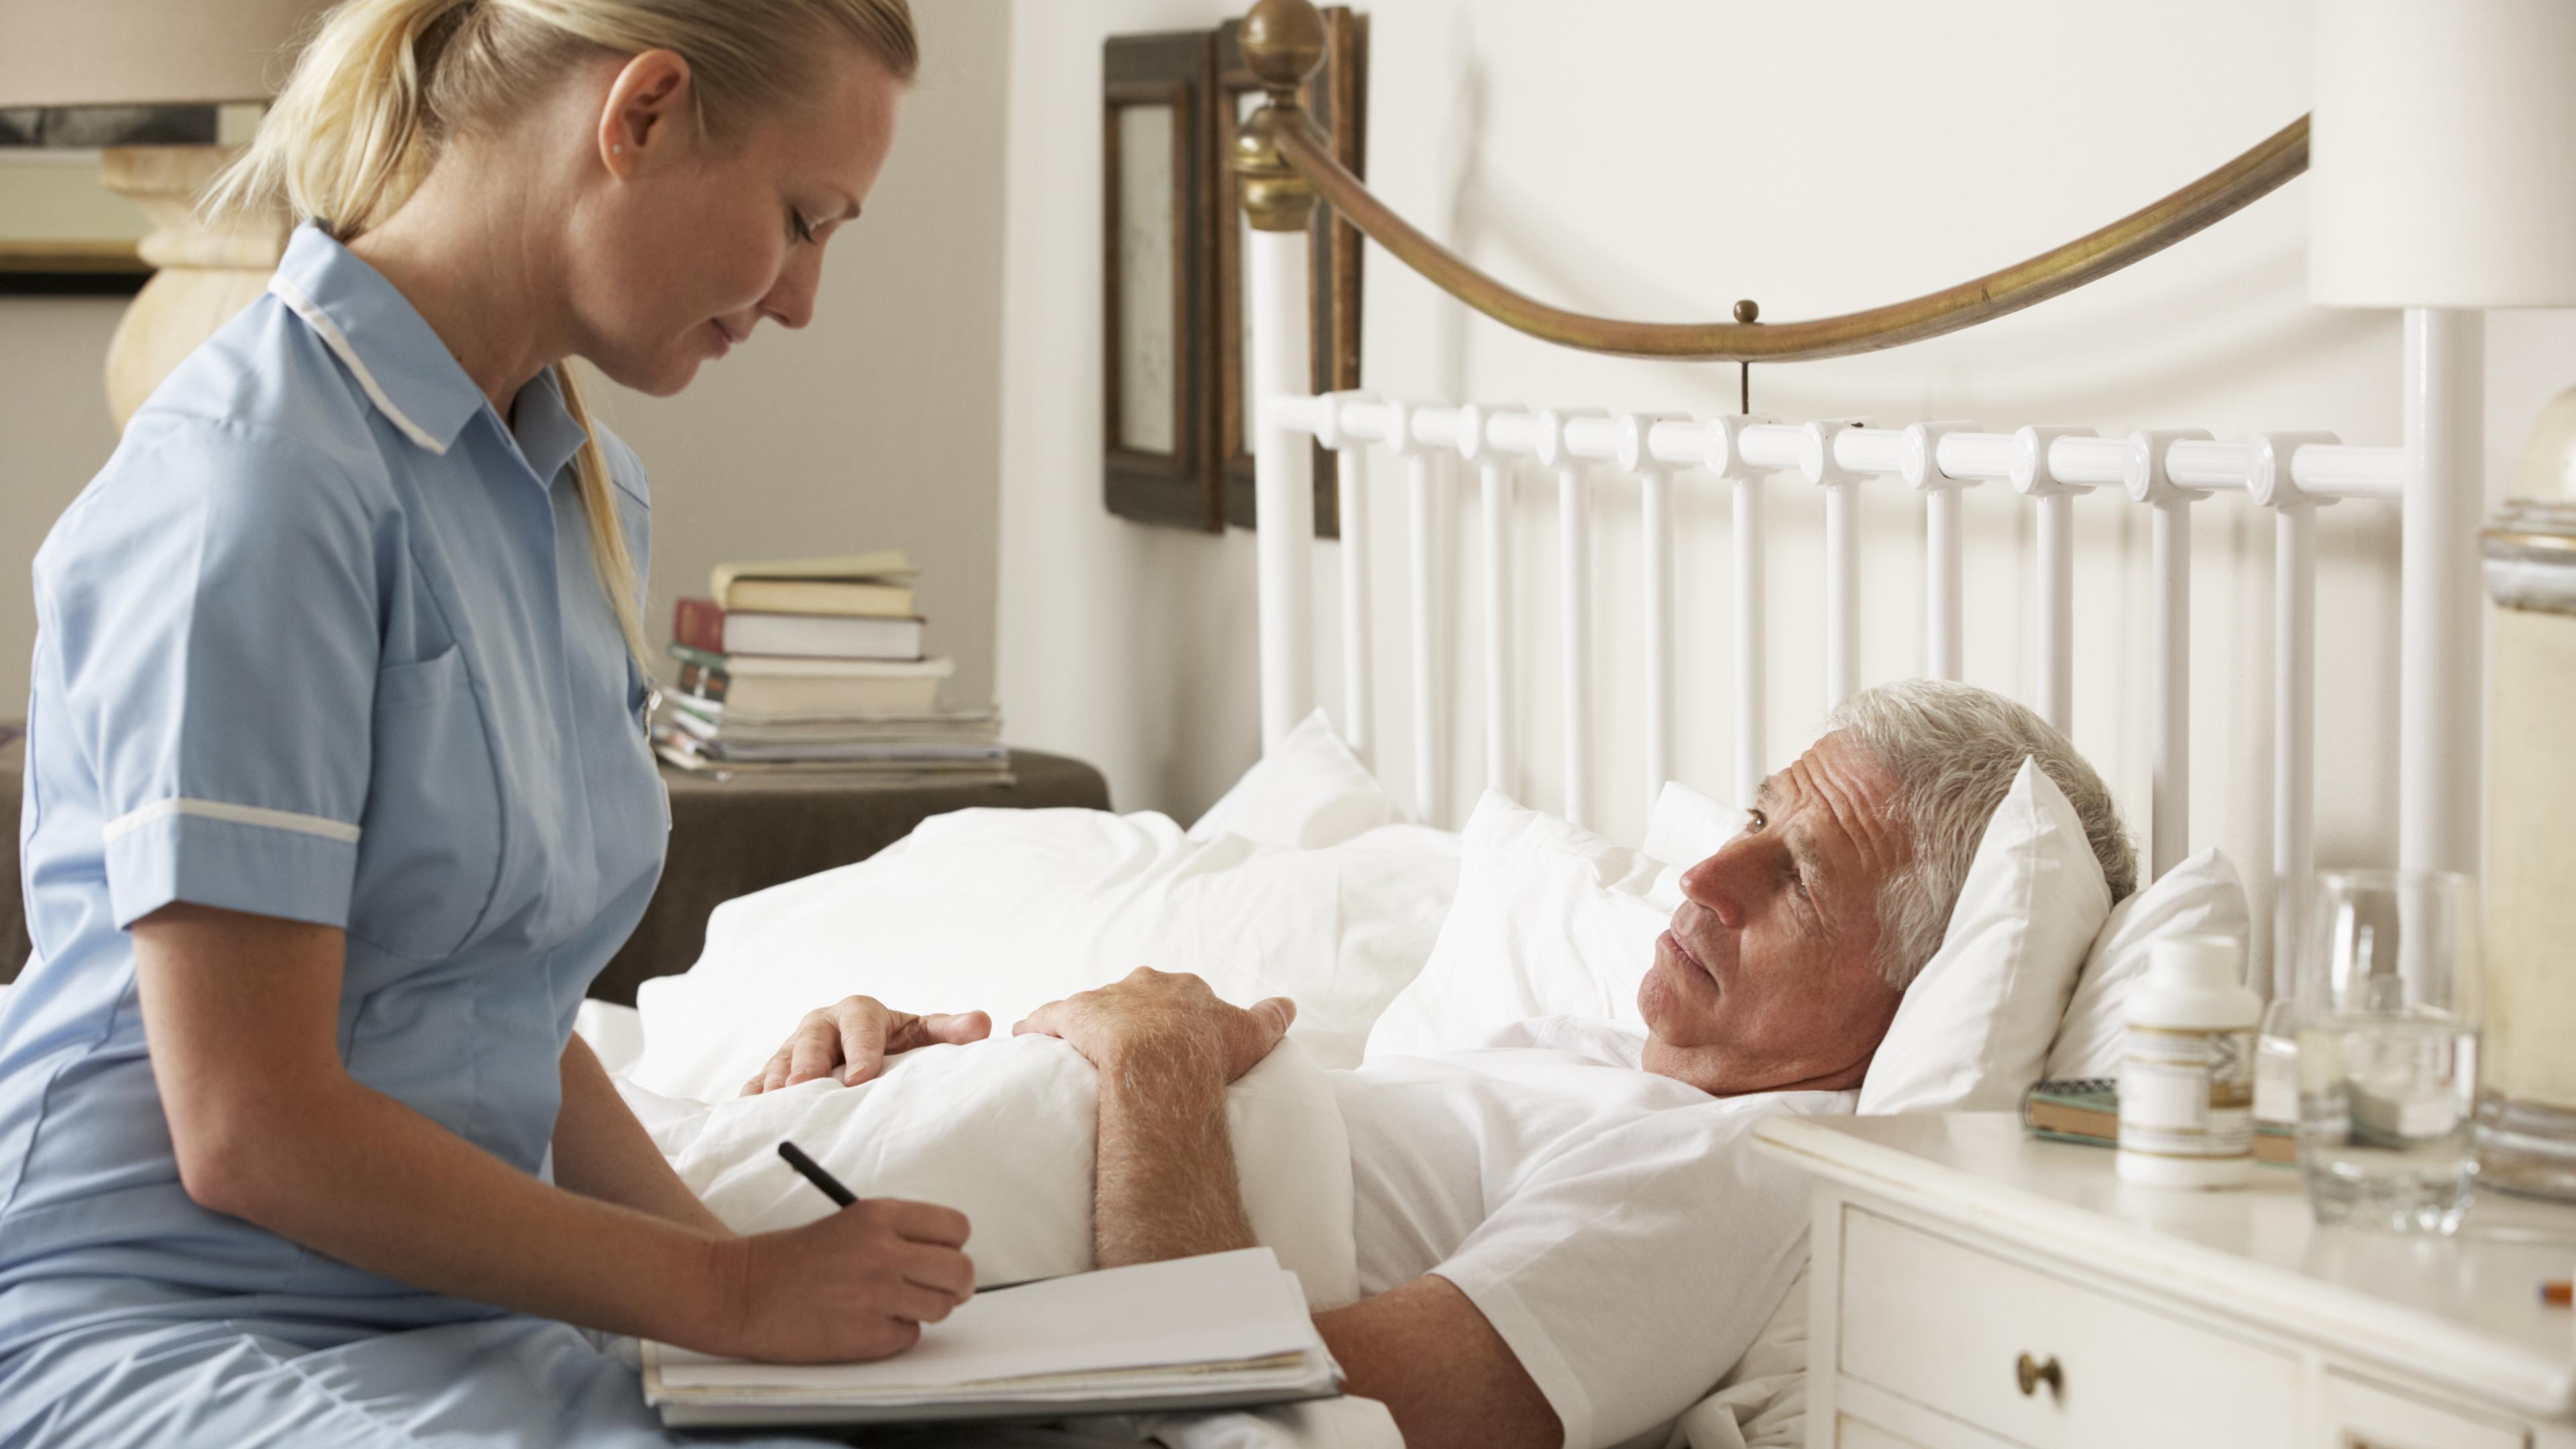 Государственная помощь лежачим пациентам: перечень услуг и особенности их получения